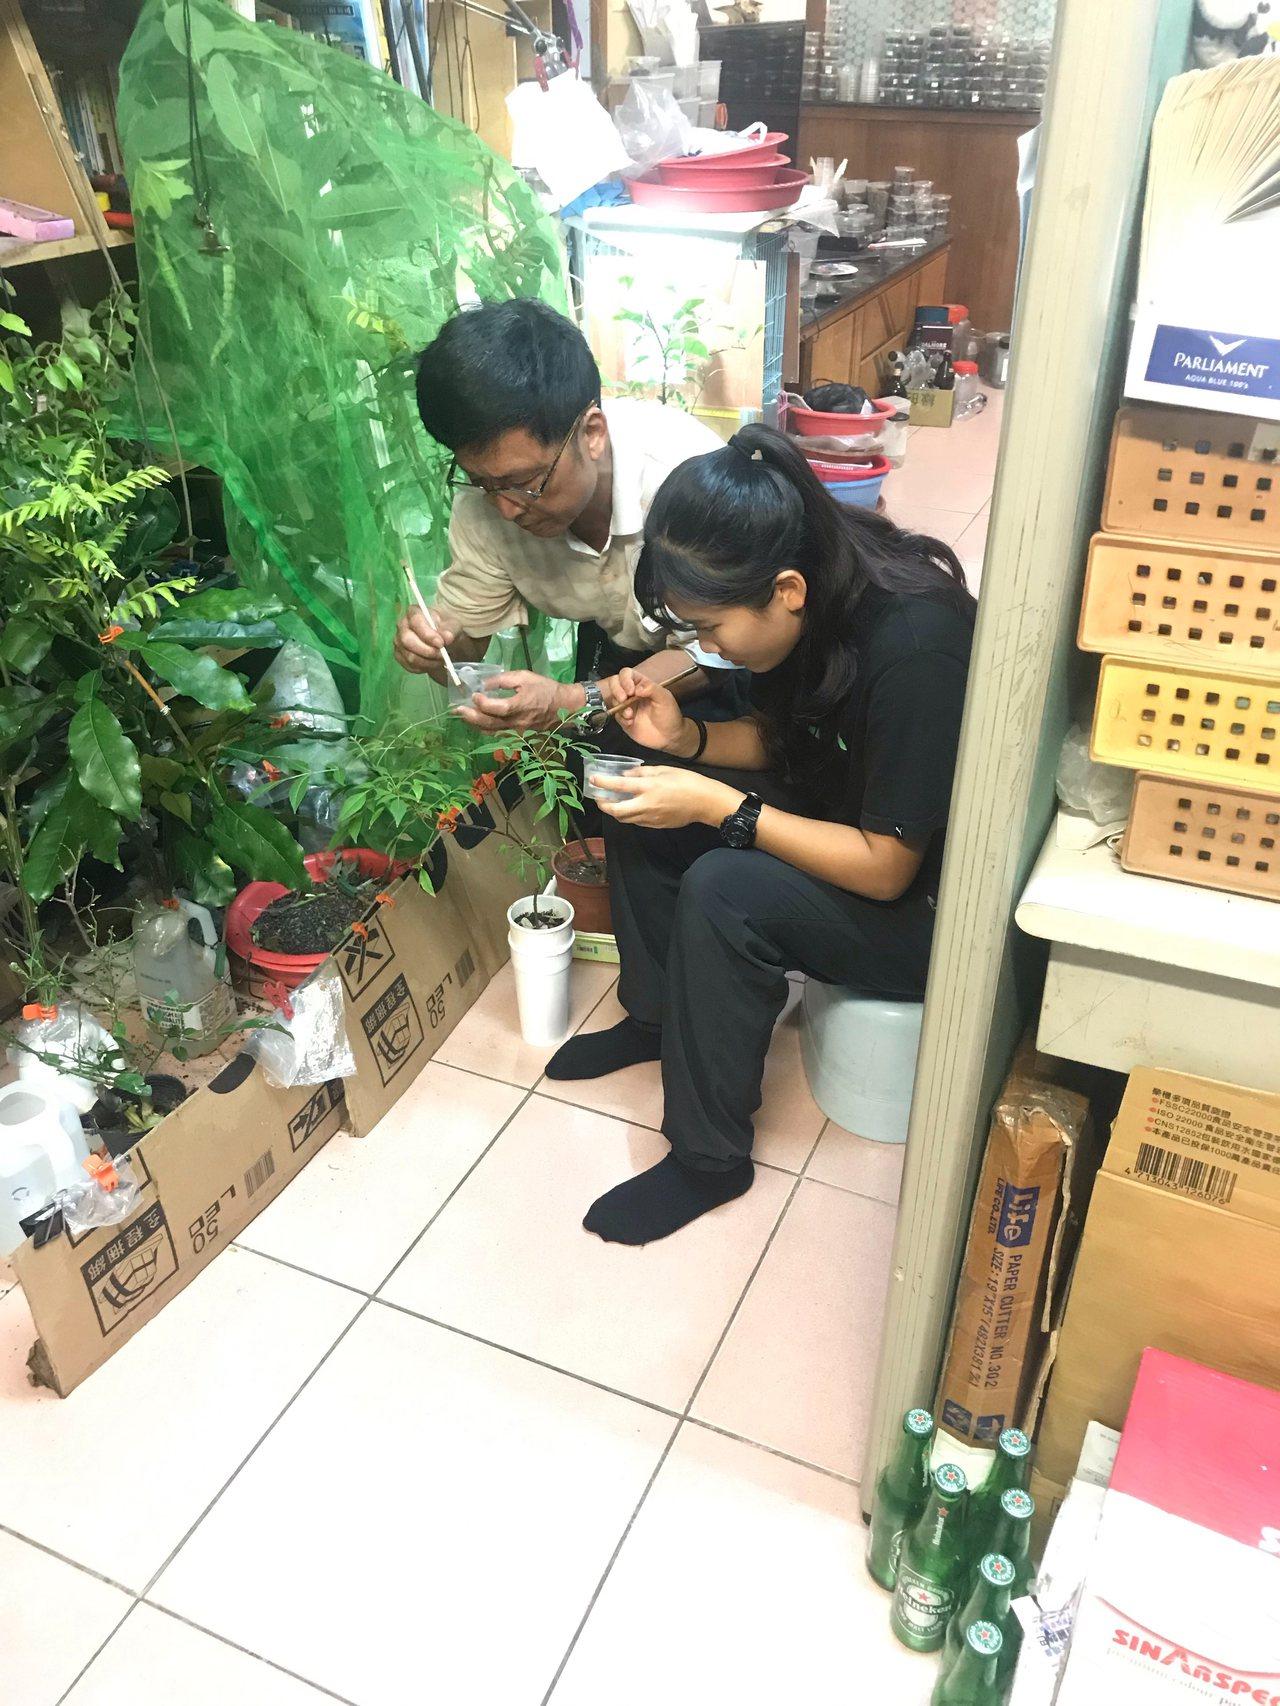 陳亭予(右)和父親把孵化的鳳蝶幼蟲放置在蝴蝶食草上,幫助蝴蝶繁殖。圖/陳亭予提供